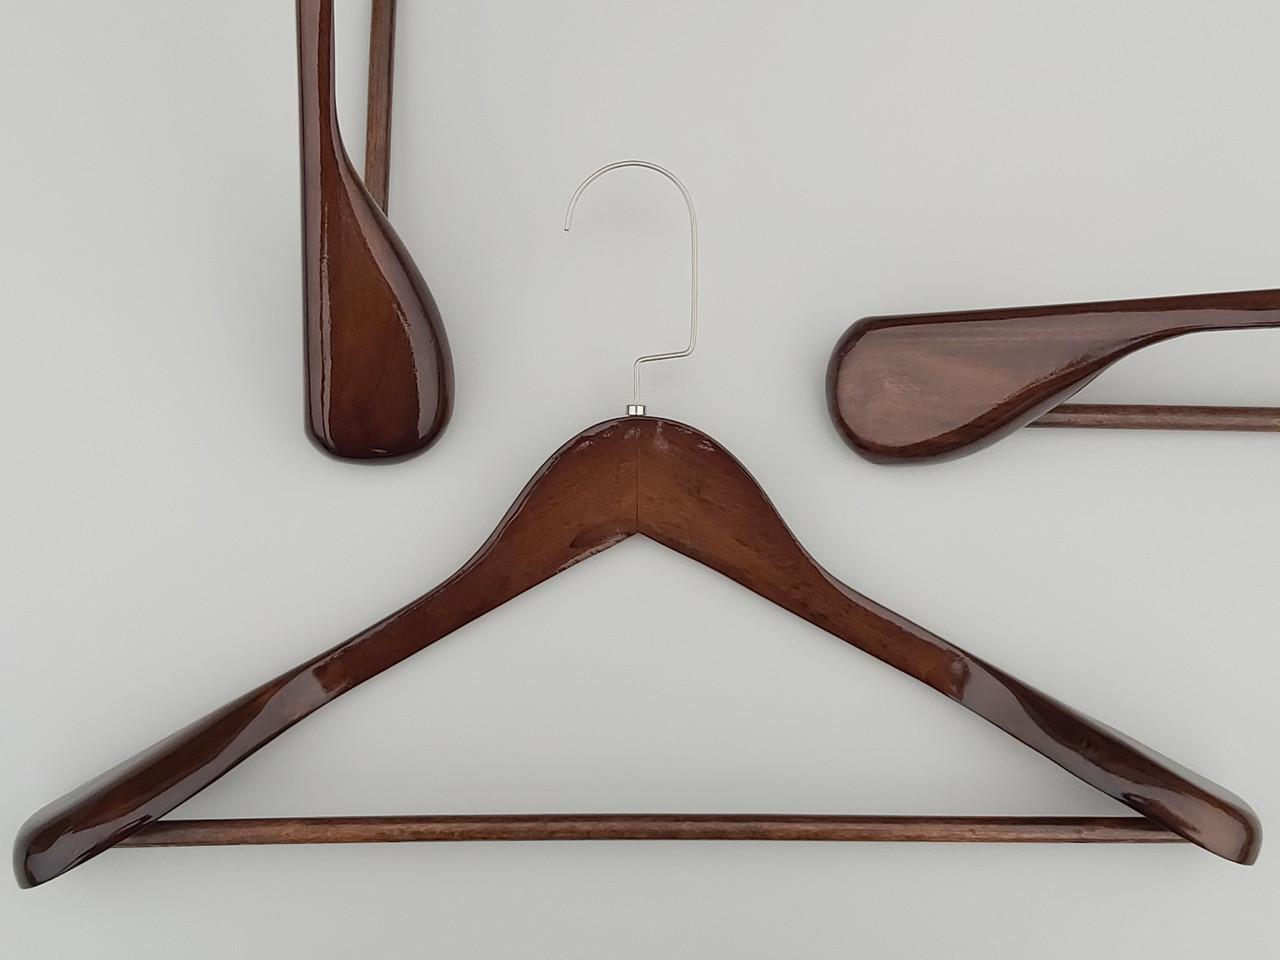 Длина 45 см. Плечики вешалки тремпеля деревянные широкие  коричневого цвета с многослойным покрытием лаком.